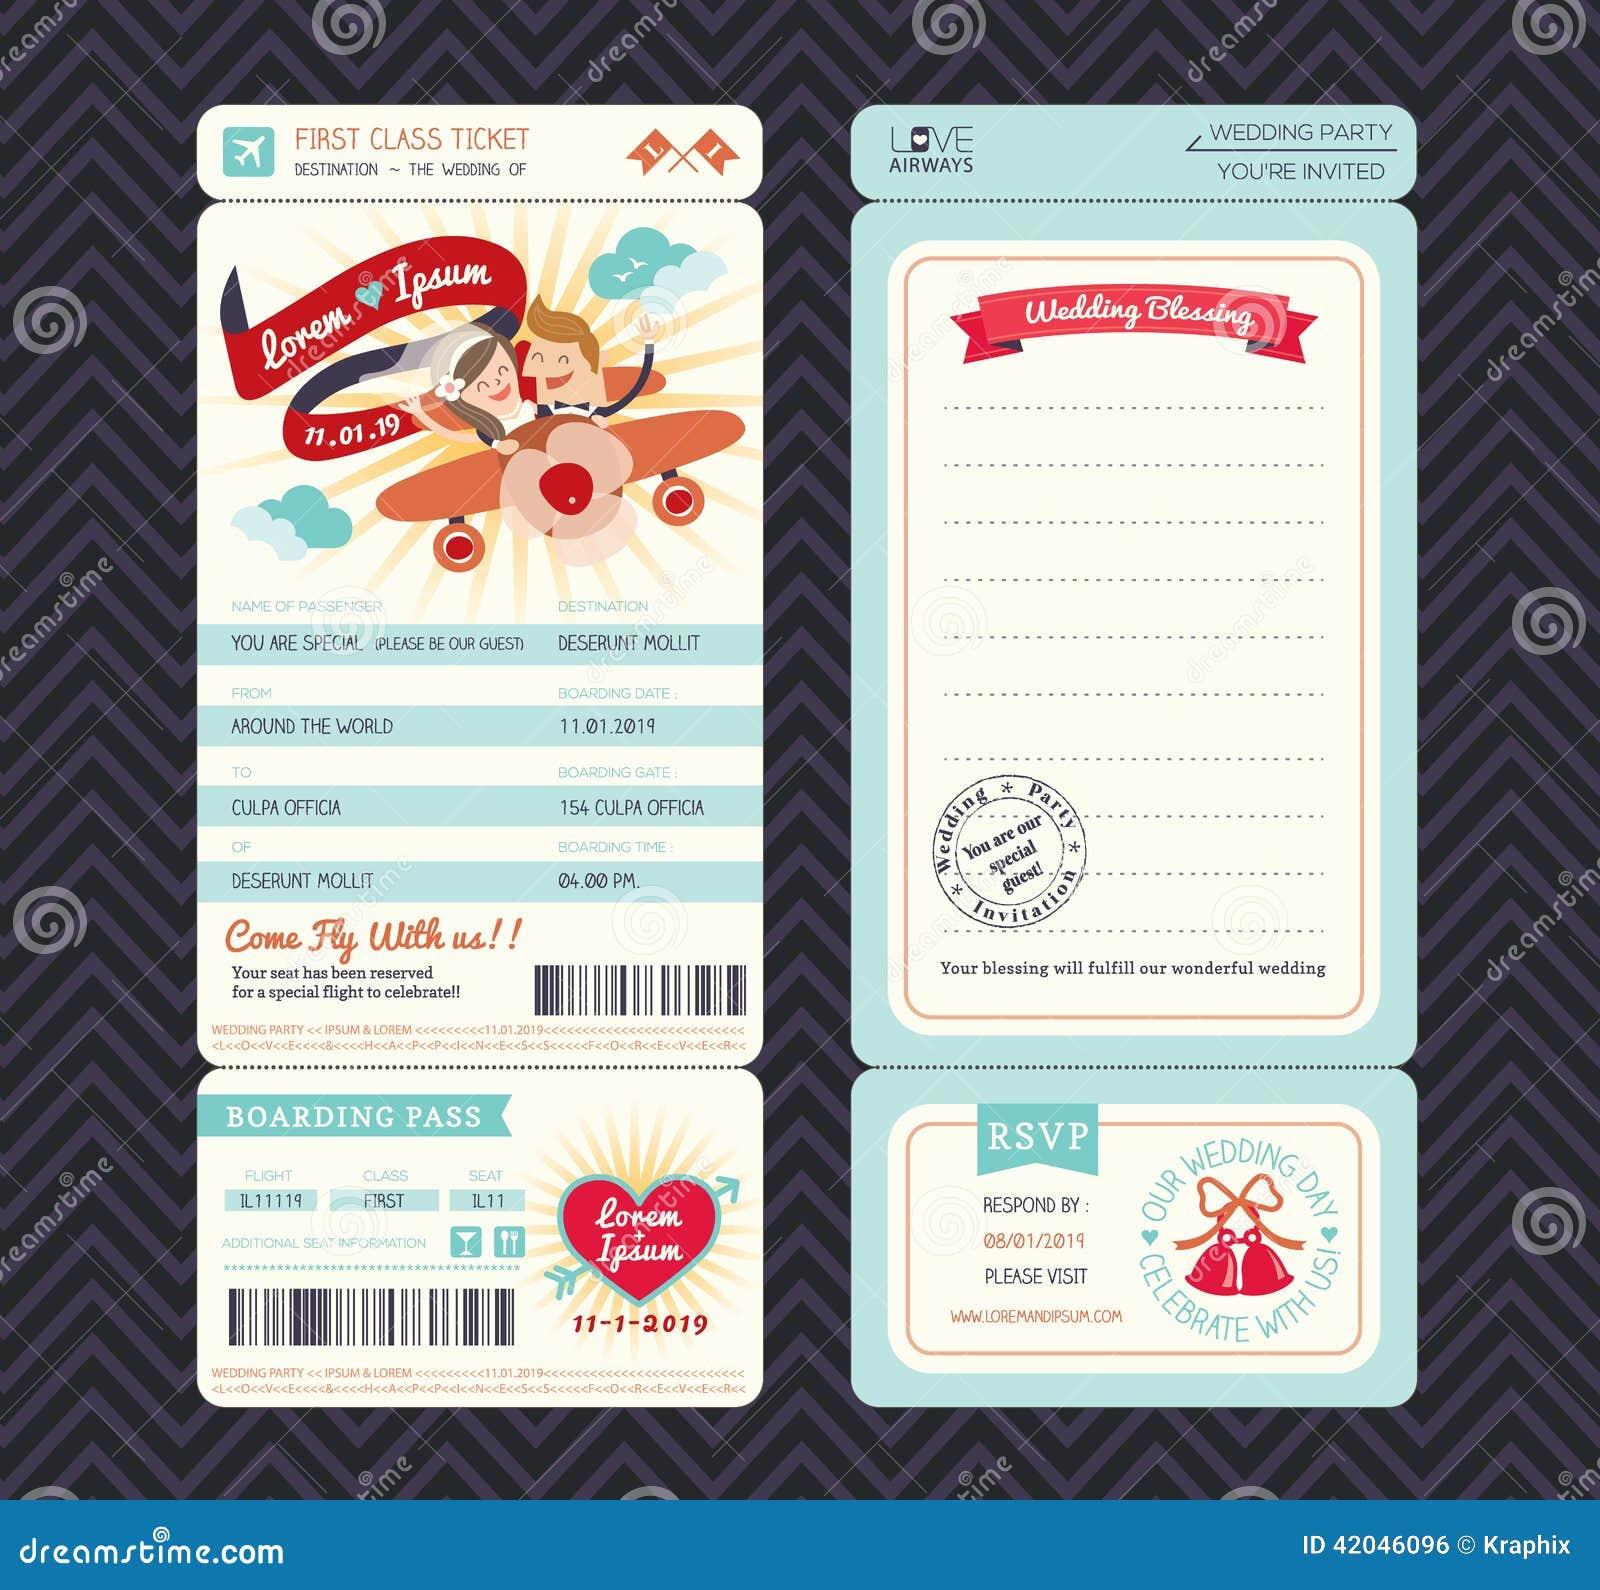 Πρότυπο γαμήλιας πρόσκλησης εισιτηρίων περασμάτων τροφής κινούμενων σχεδίων